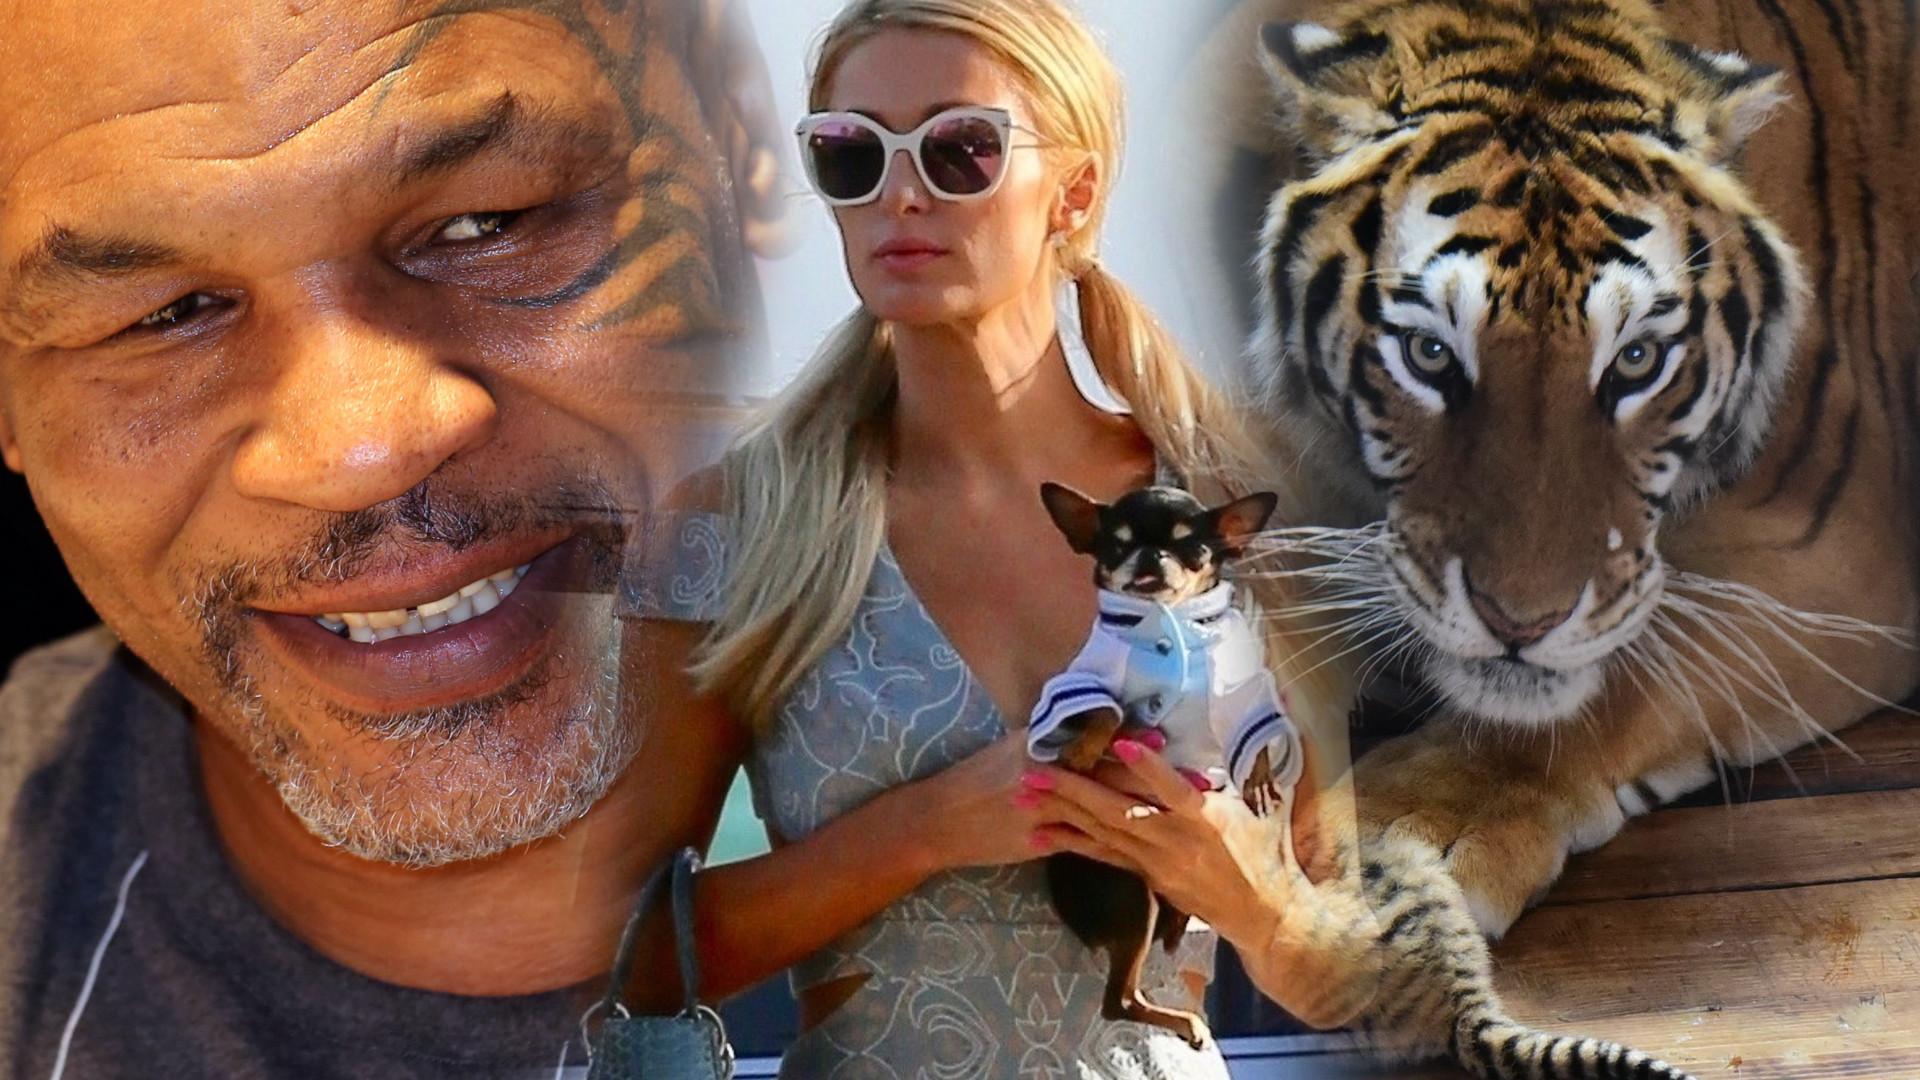 Dwie kobry, czy tygrysy? Gwiazdy, które miały w domu NIEBEZPIECZNE zwierzęta! Były o krok od tragedii?